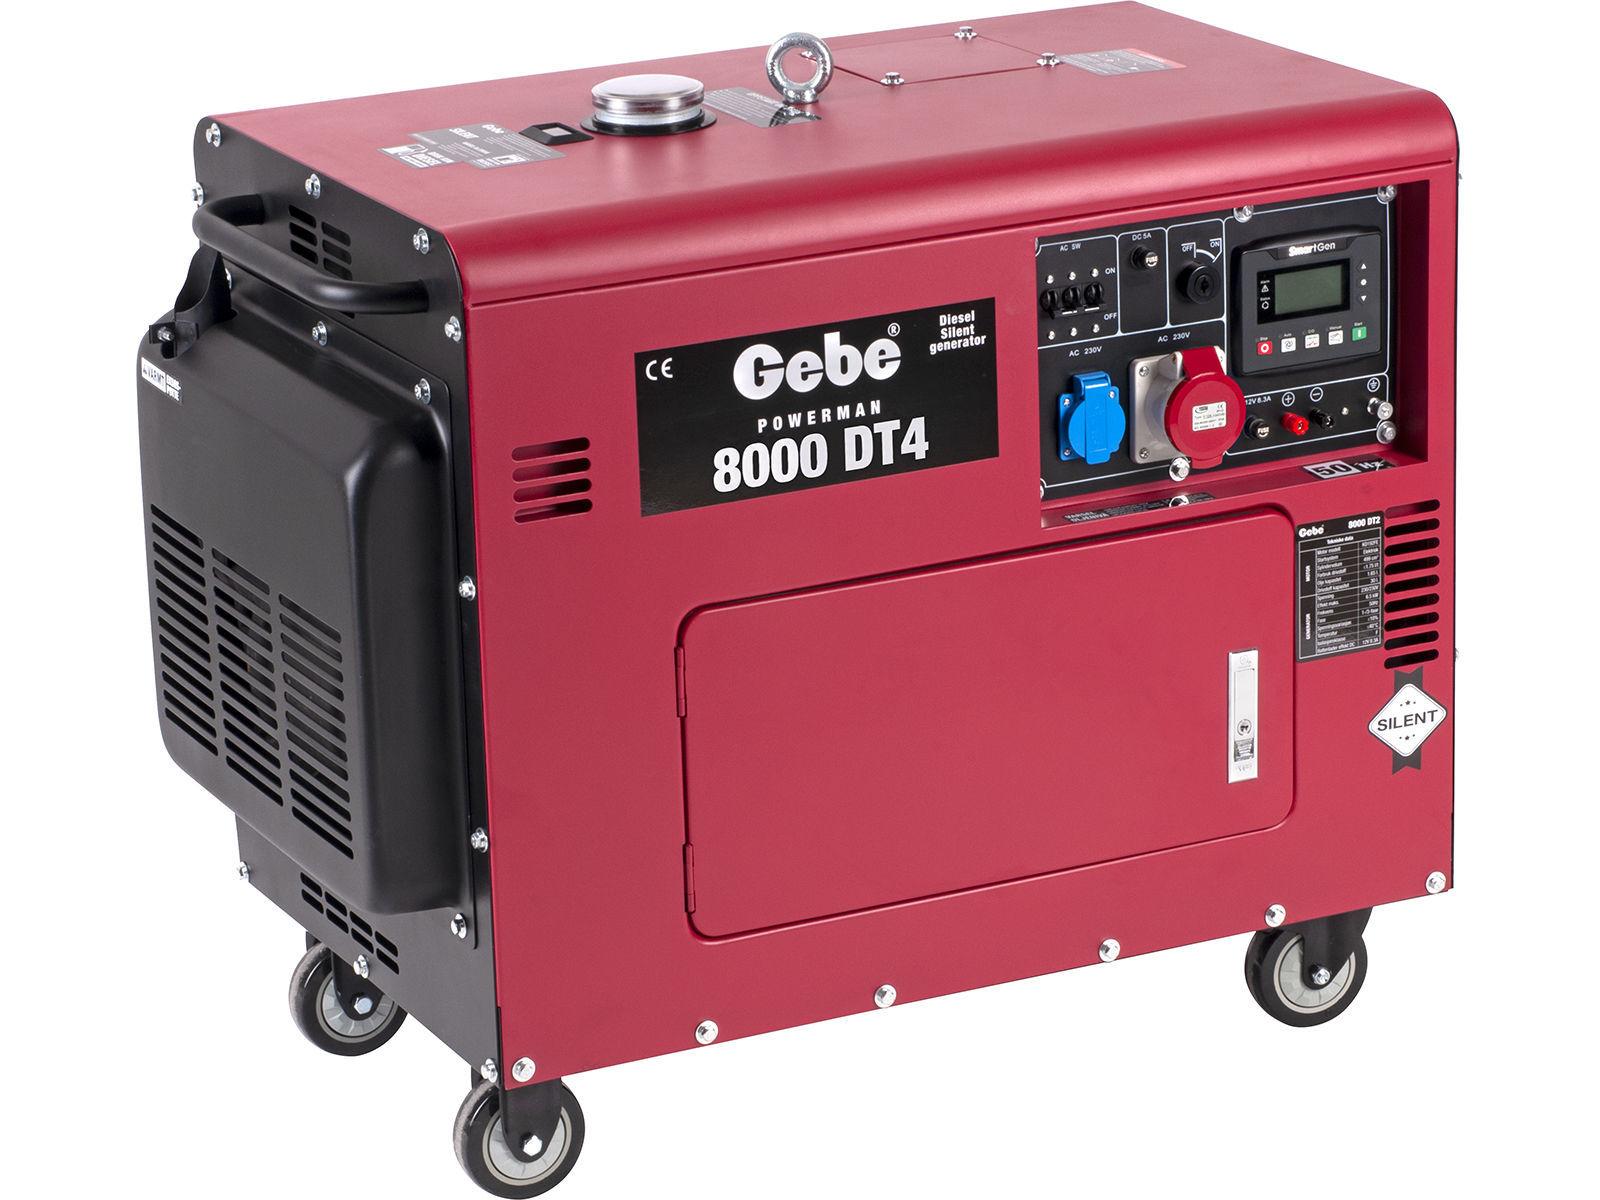 Bilde av Strømaggregat PM 8000 DT4 diesel